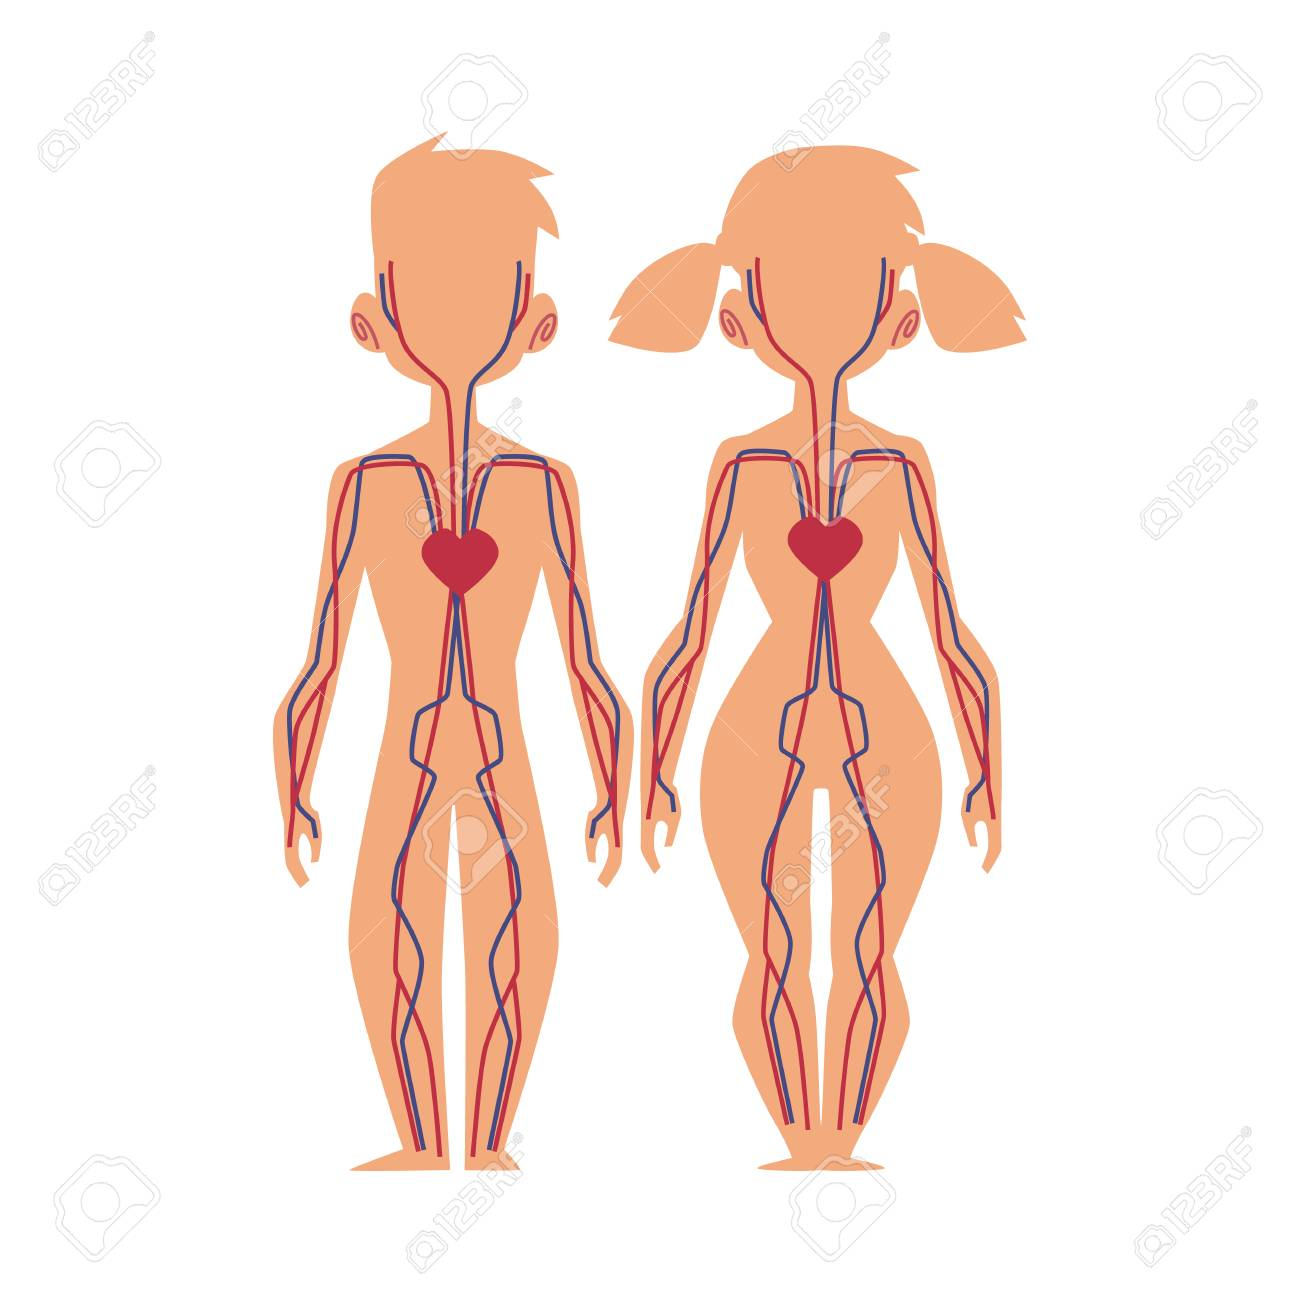 Estrutura Plana Do Vetor Do Corpo Humano Anatomia Masculino Circulante Circulatório Interno Feminino Sistema Cardiovascular Ilustração Isolada